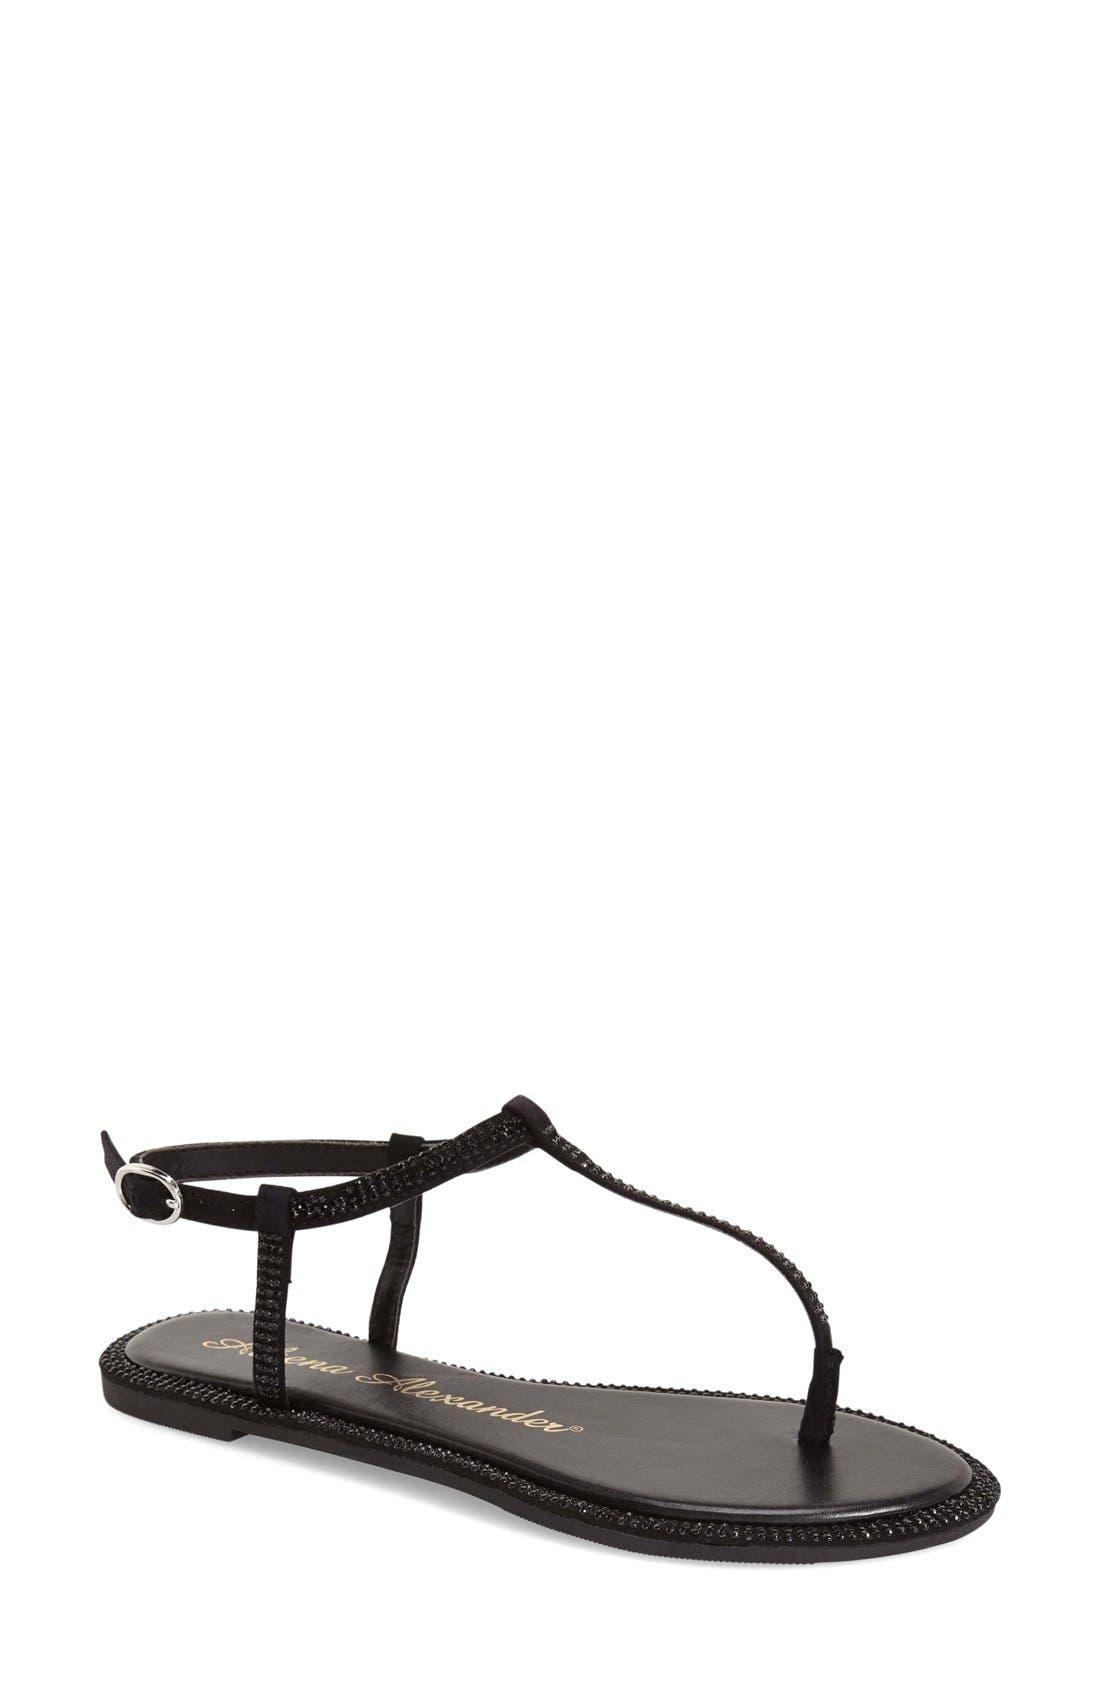 Alternate Image 1 Selected - Athena Alexander 'Chique' Crystal Embellished Flat Sandal (Women)